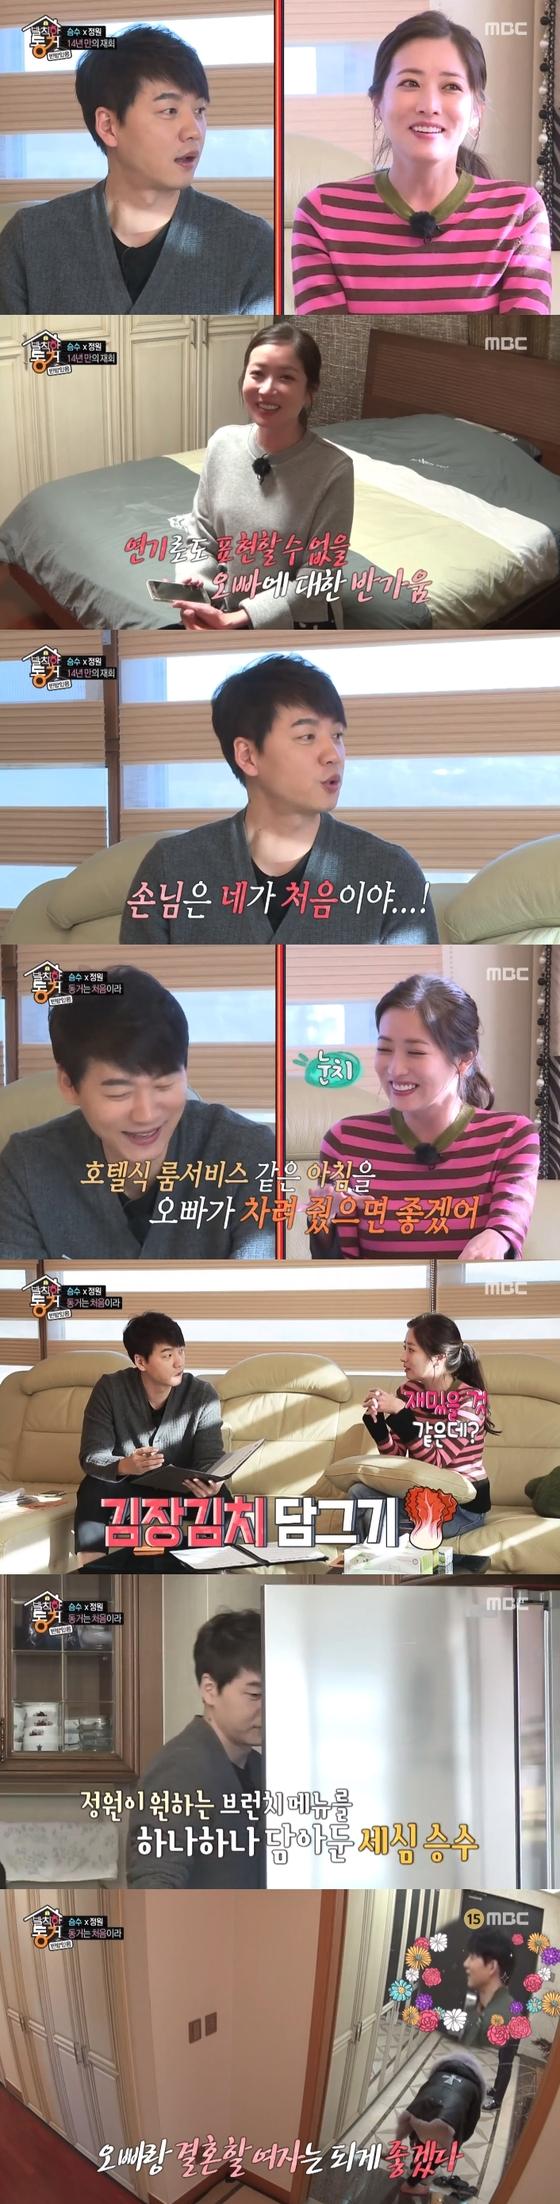 """[RE:TV]""""결혼할 여자는 좋겠다""""…'발칙한' 최정원, 동거 첫날 애교 폭발"""